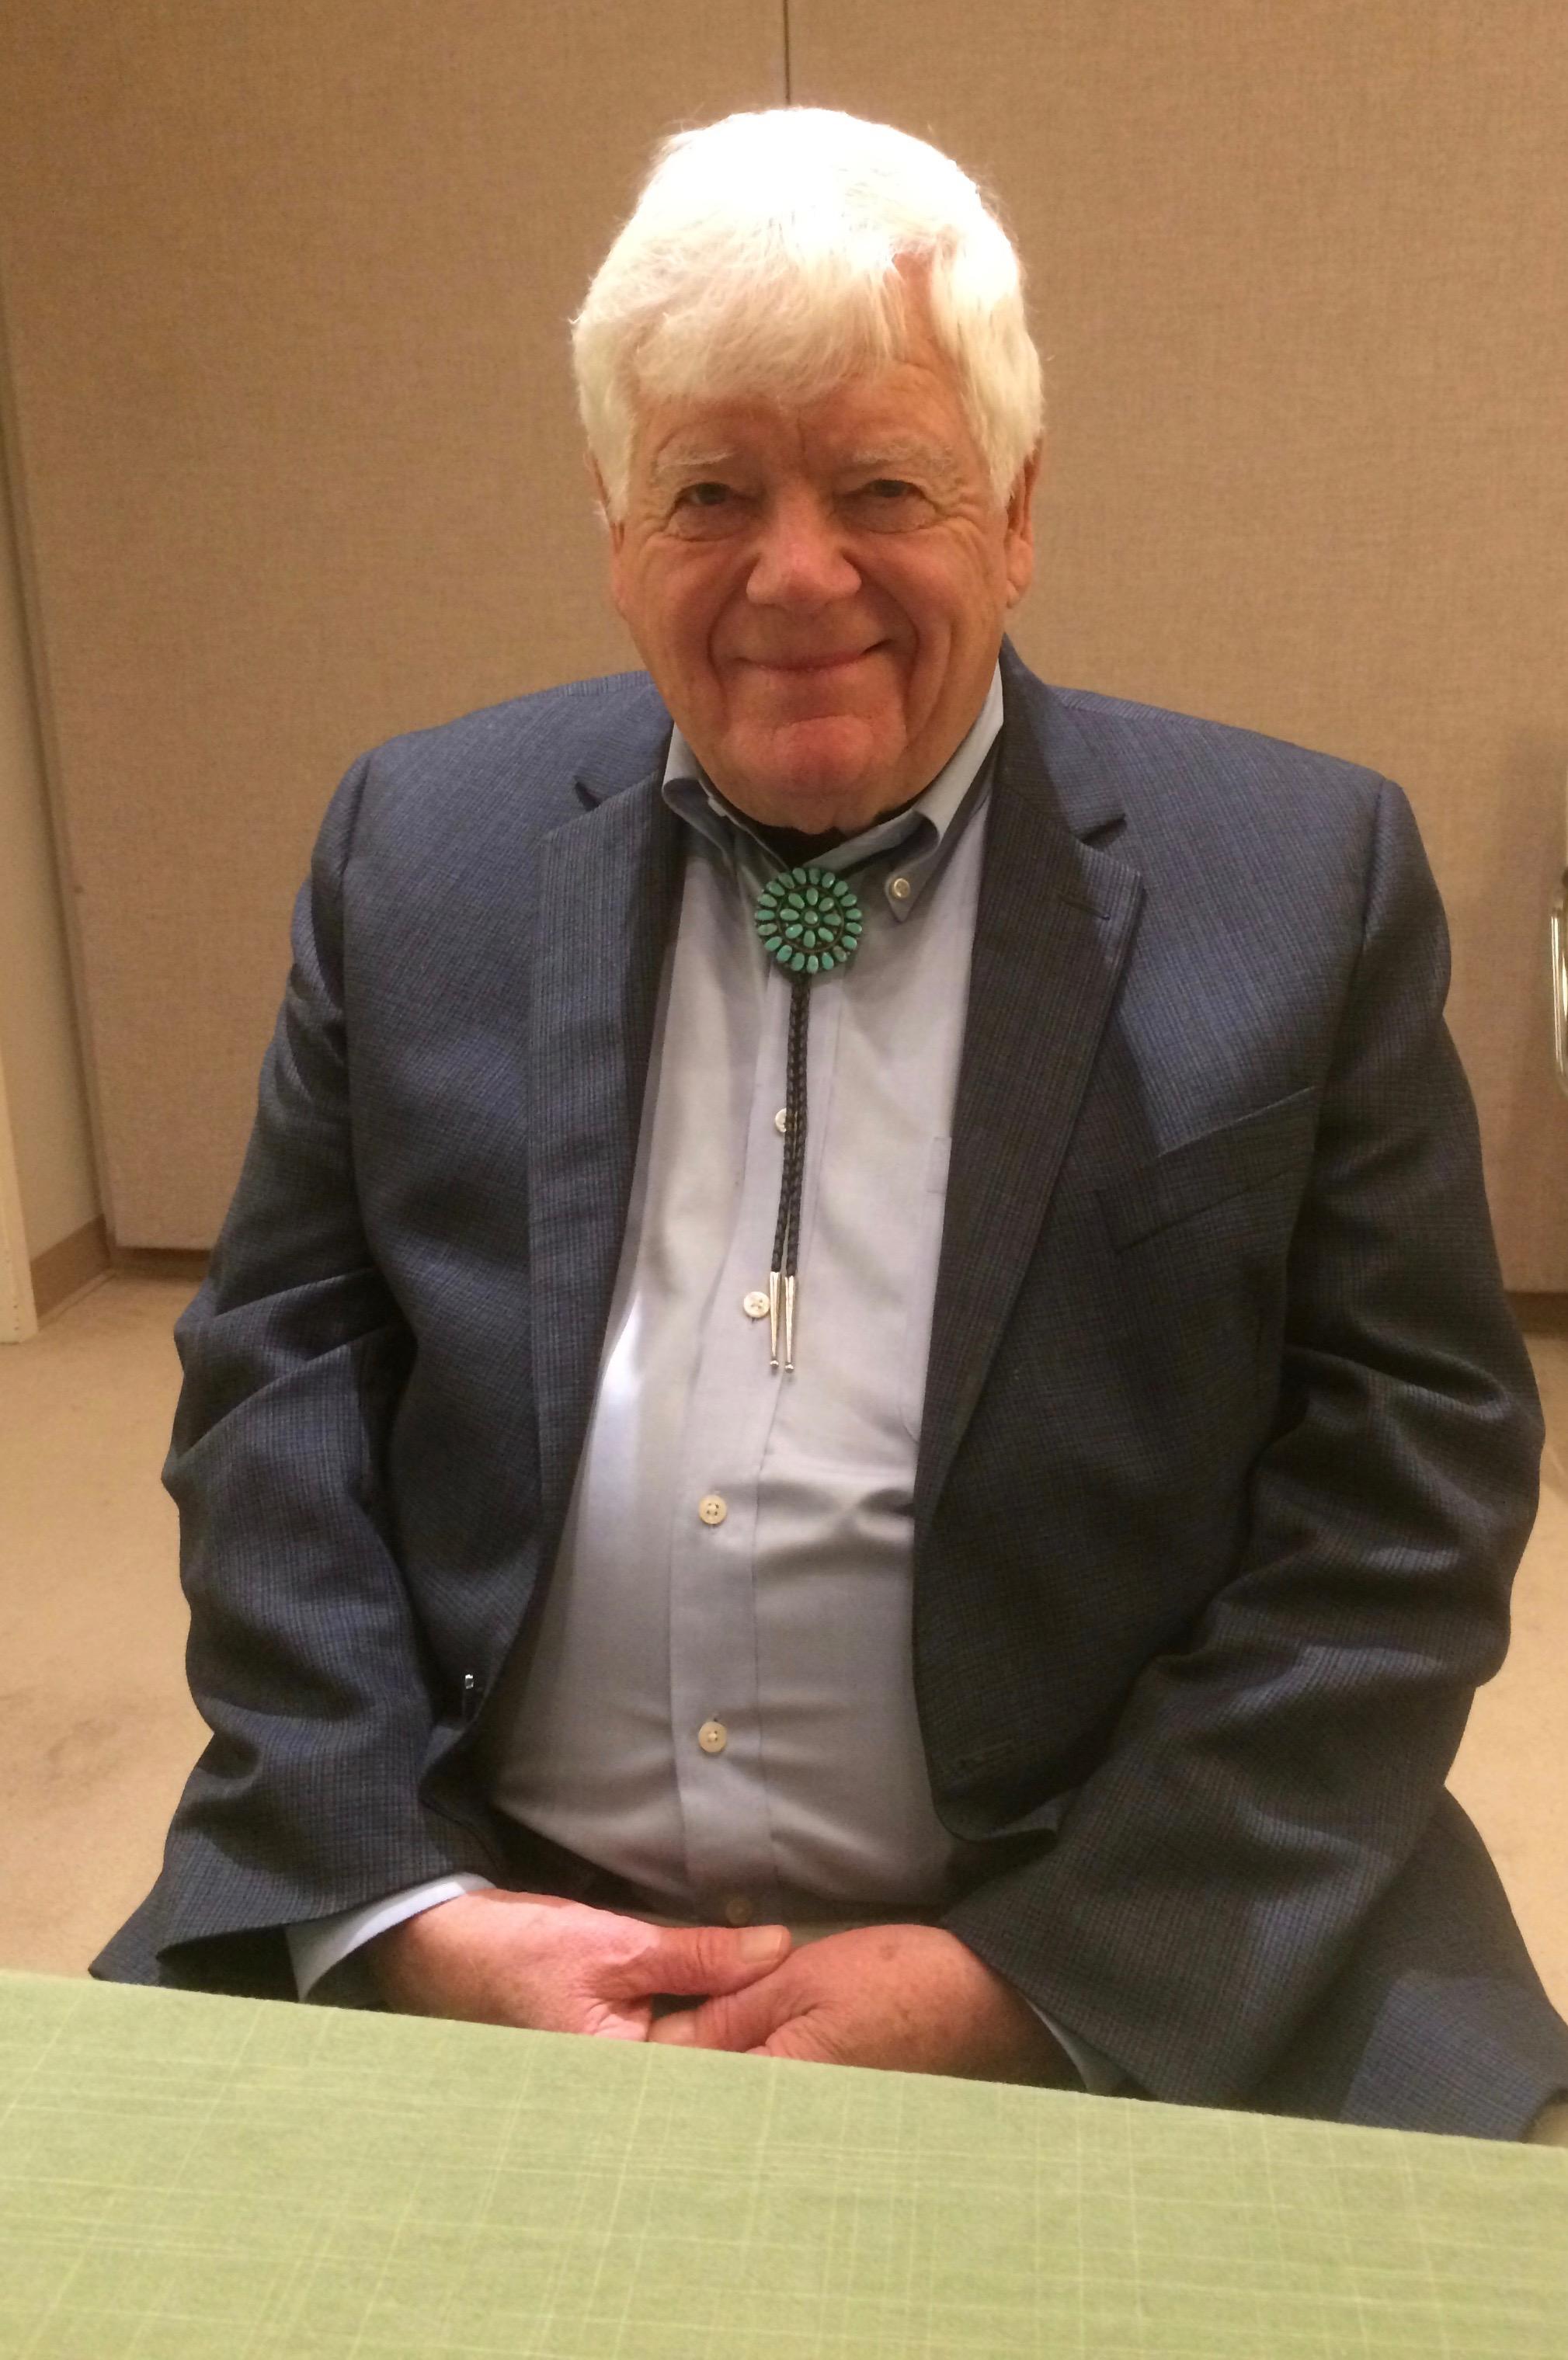 Jim McDermott, MD